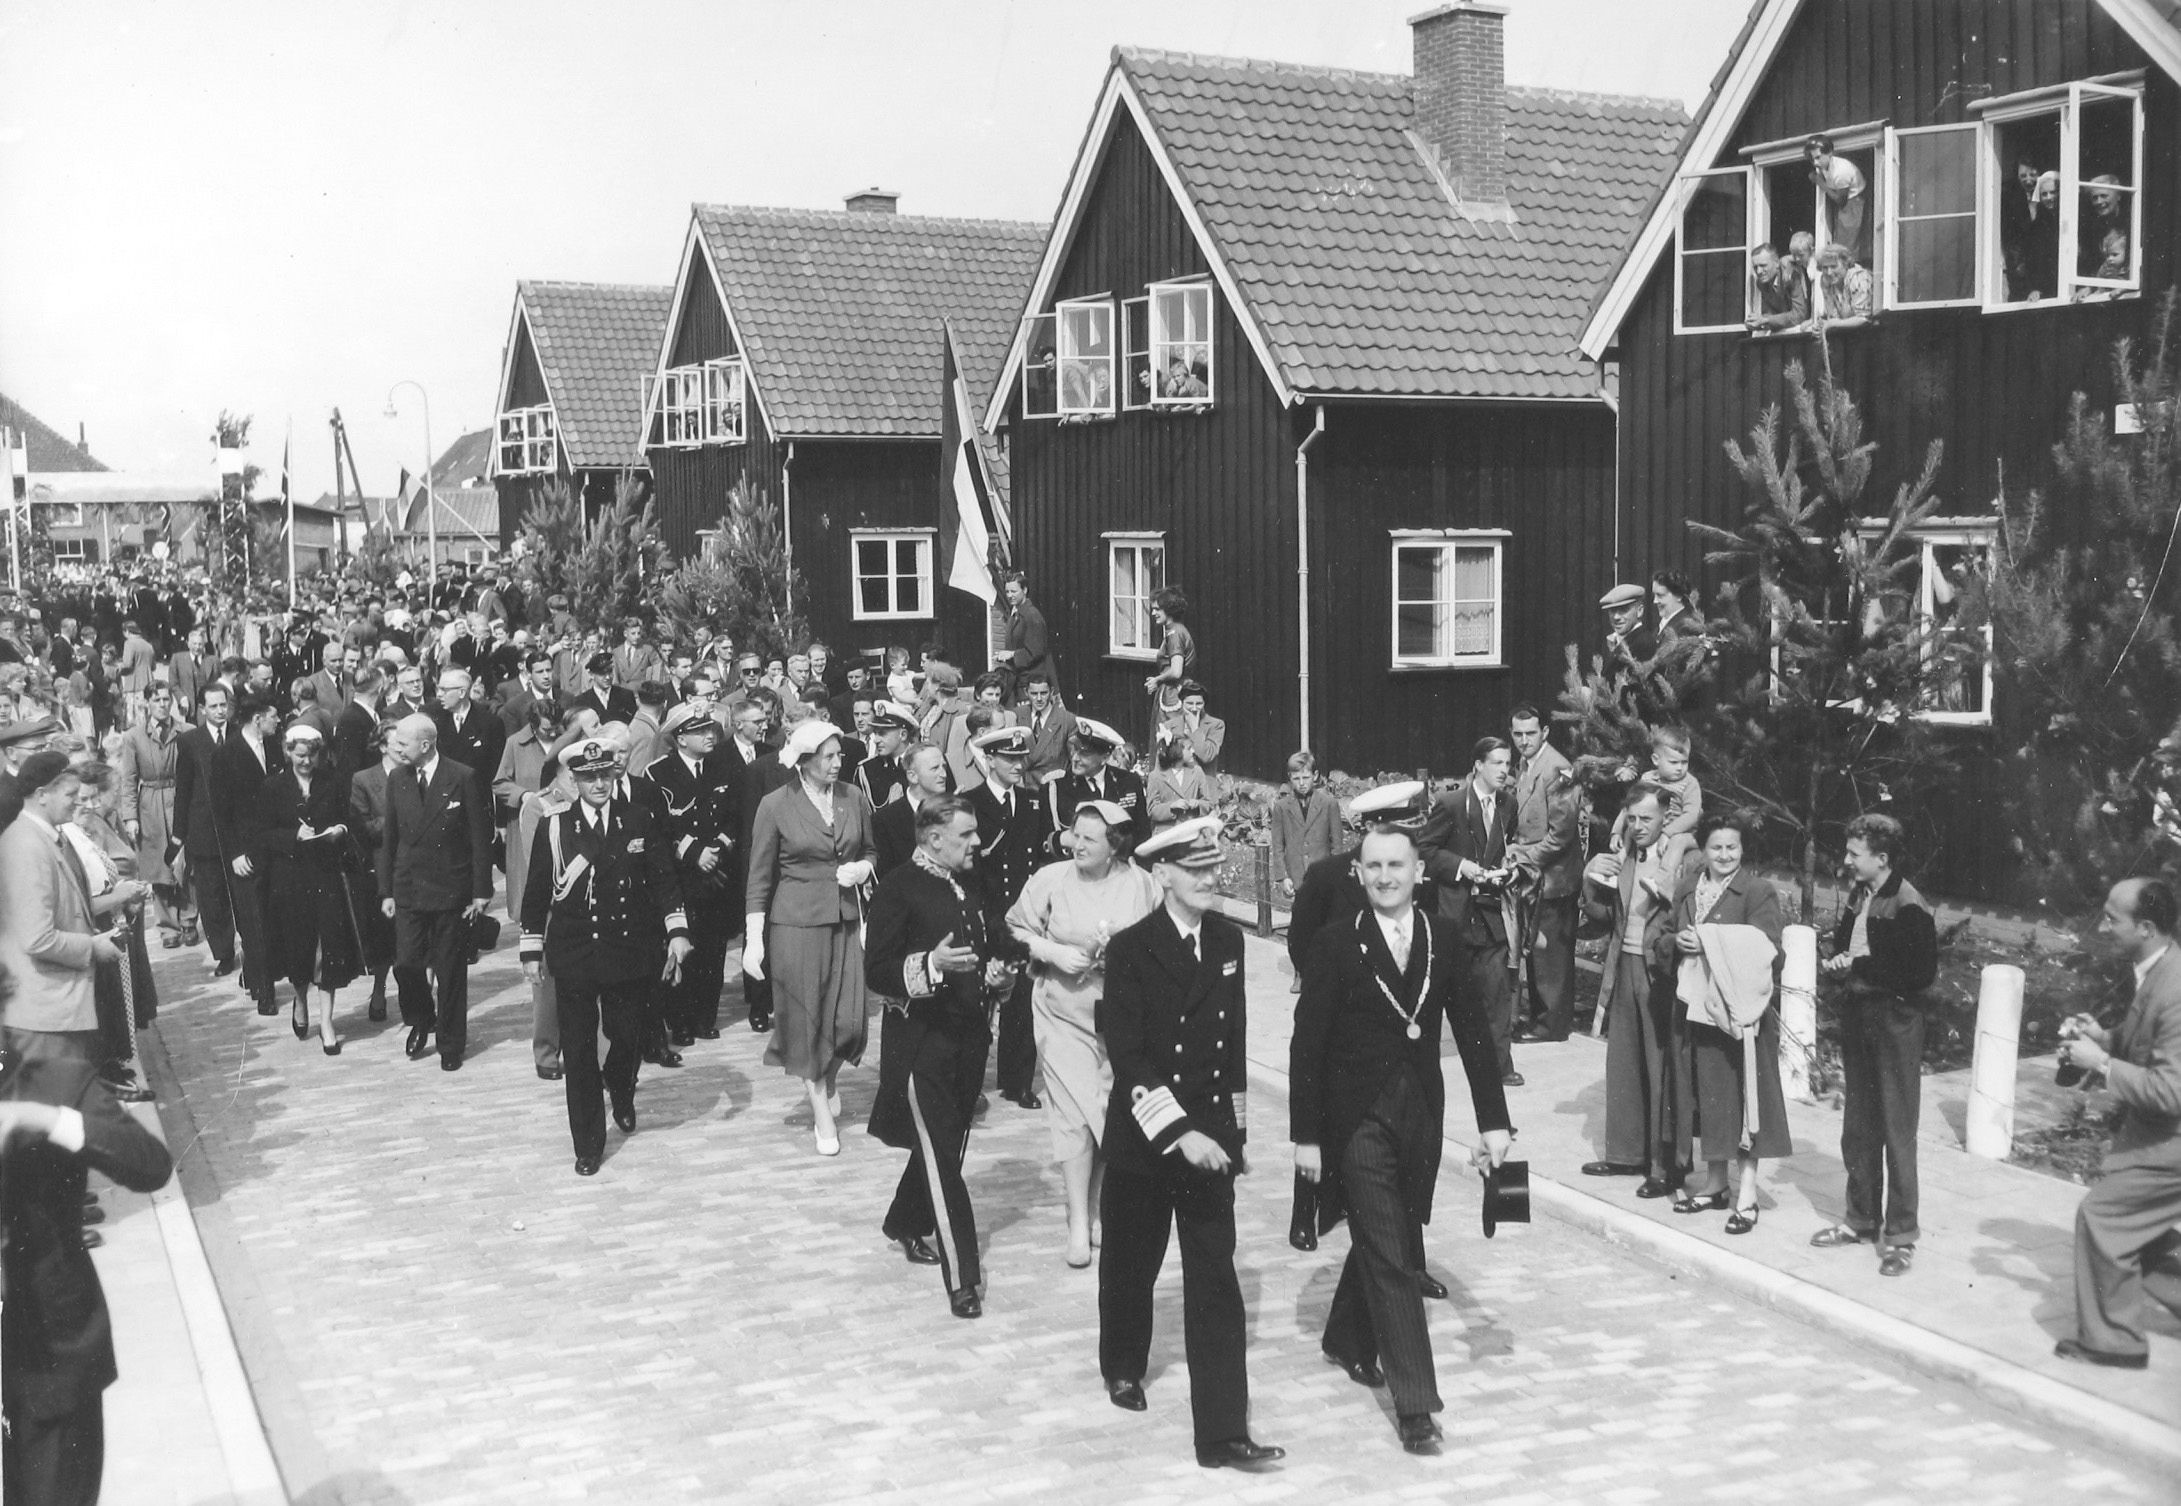 In gezelschap van koningin Juliana bracht de Noorse koning Haakon op 13 augustus 1954 een bezoek aan Stavenisse. Op de achtergrond de door Noorwegen geschonken prefabwoningen in de Koning Haakonstraat. (Zeeuwse Bibliotheek, Beeldbank Zeeland)